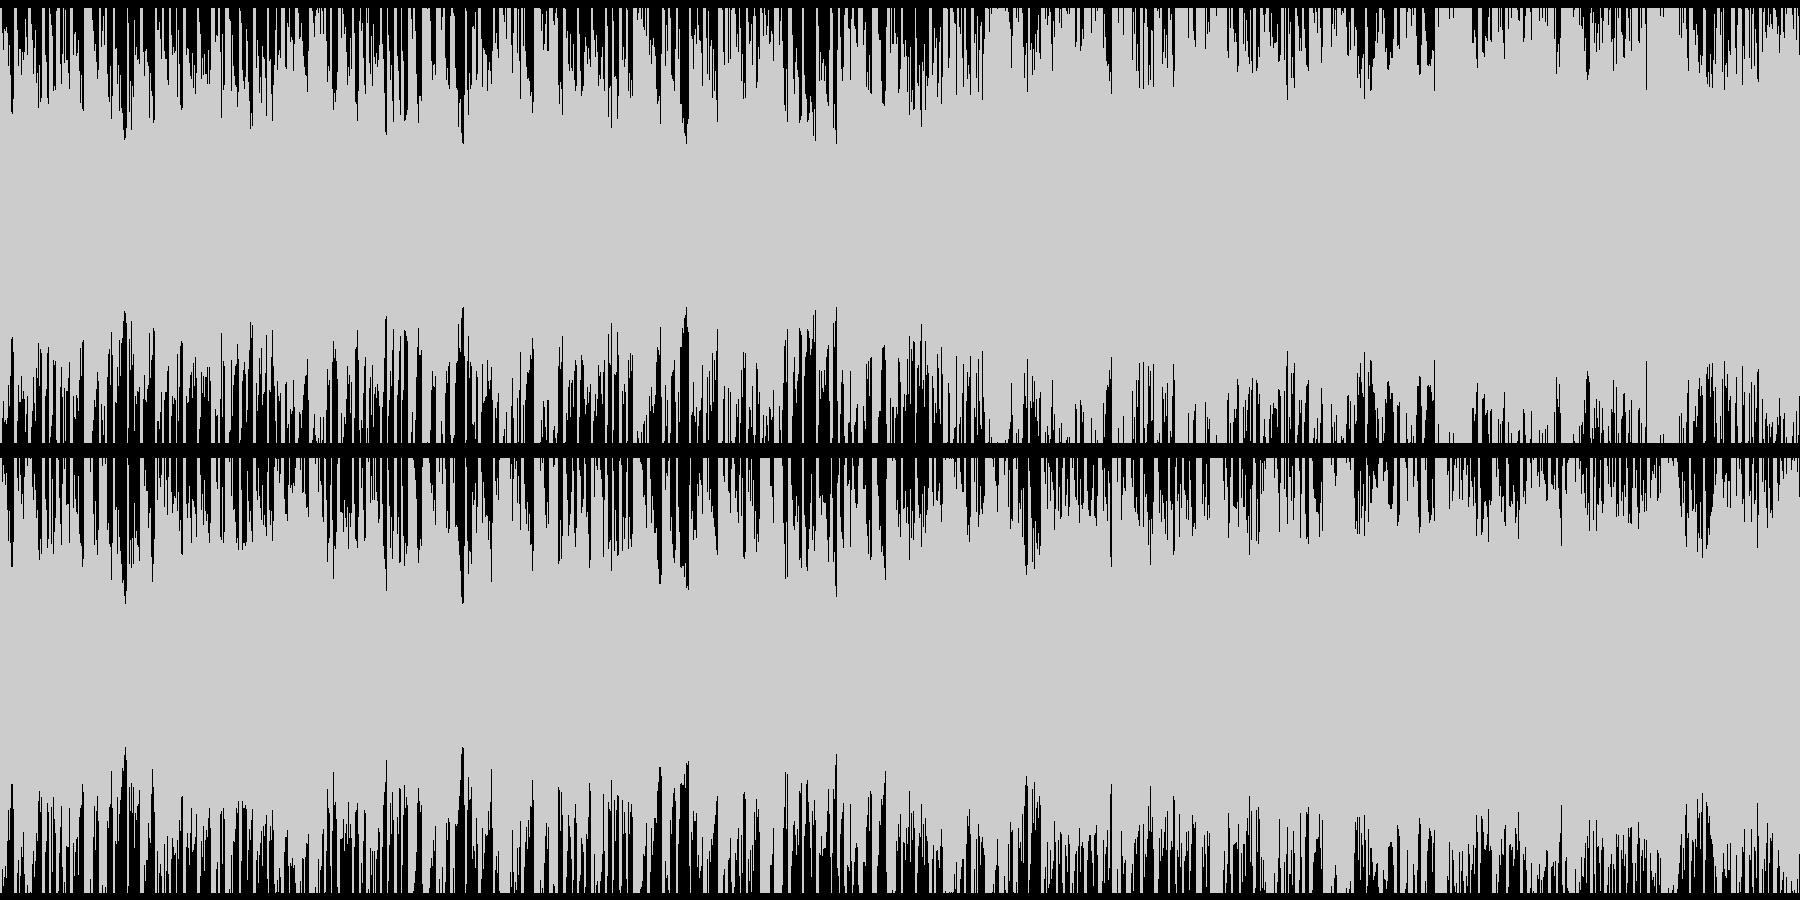 お洒落で軽快なロックBGM(ループ)の未再生の波形